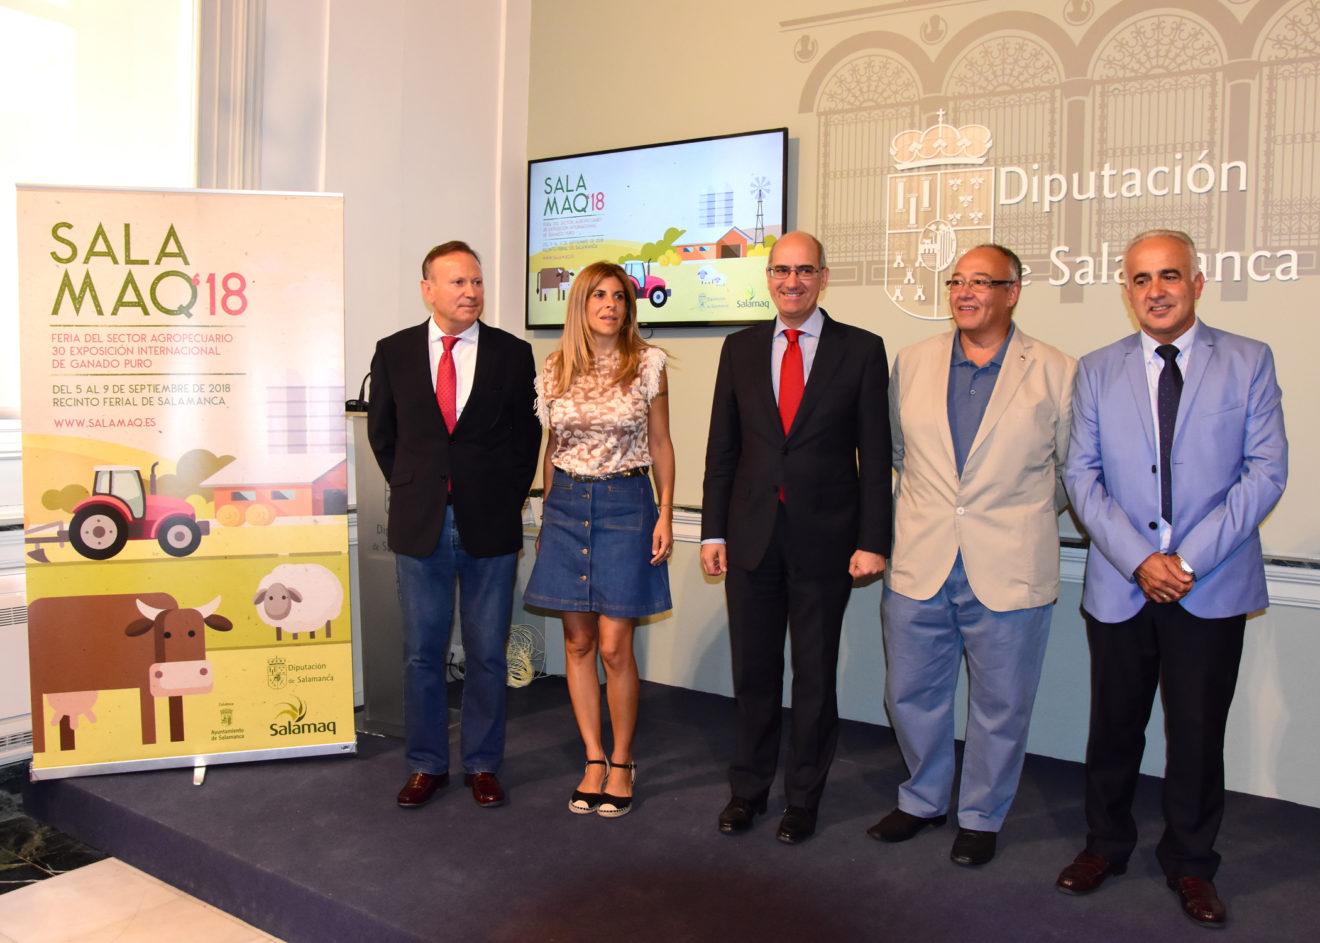 Presidente de la Diputación de Salamanca, Javier Iglesias